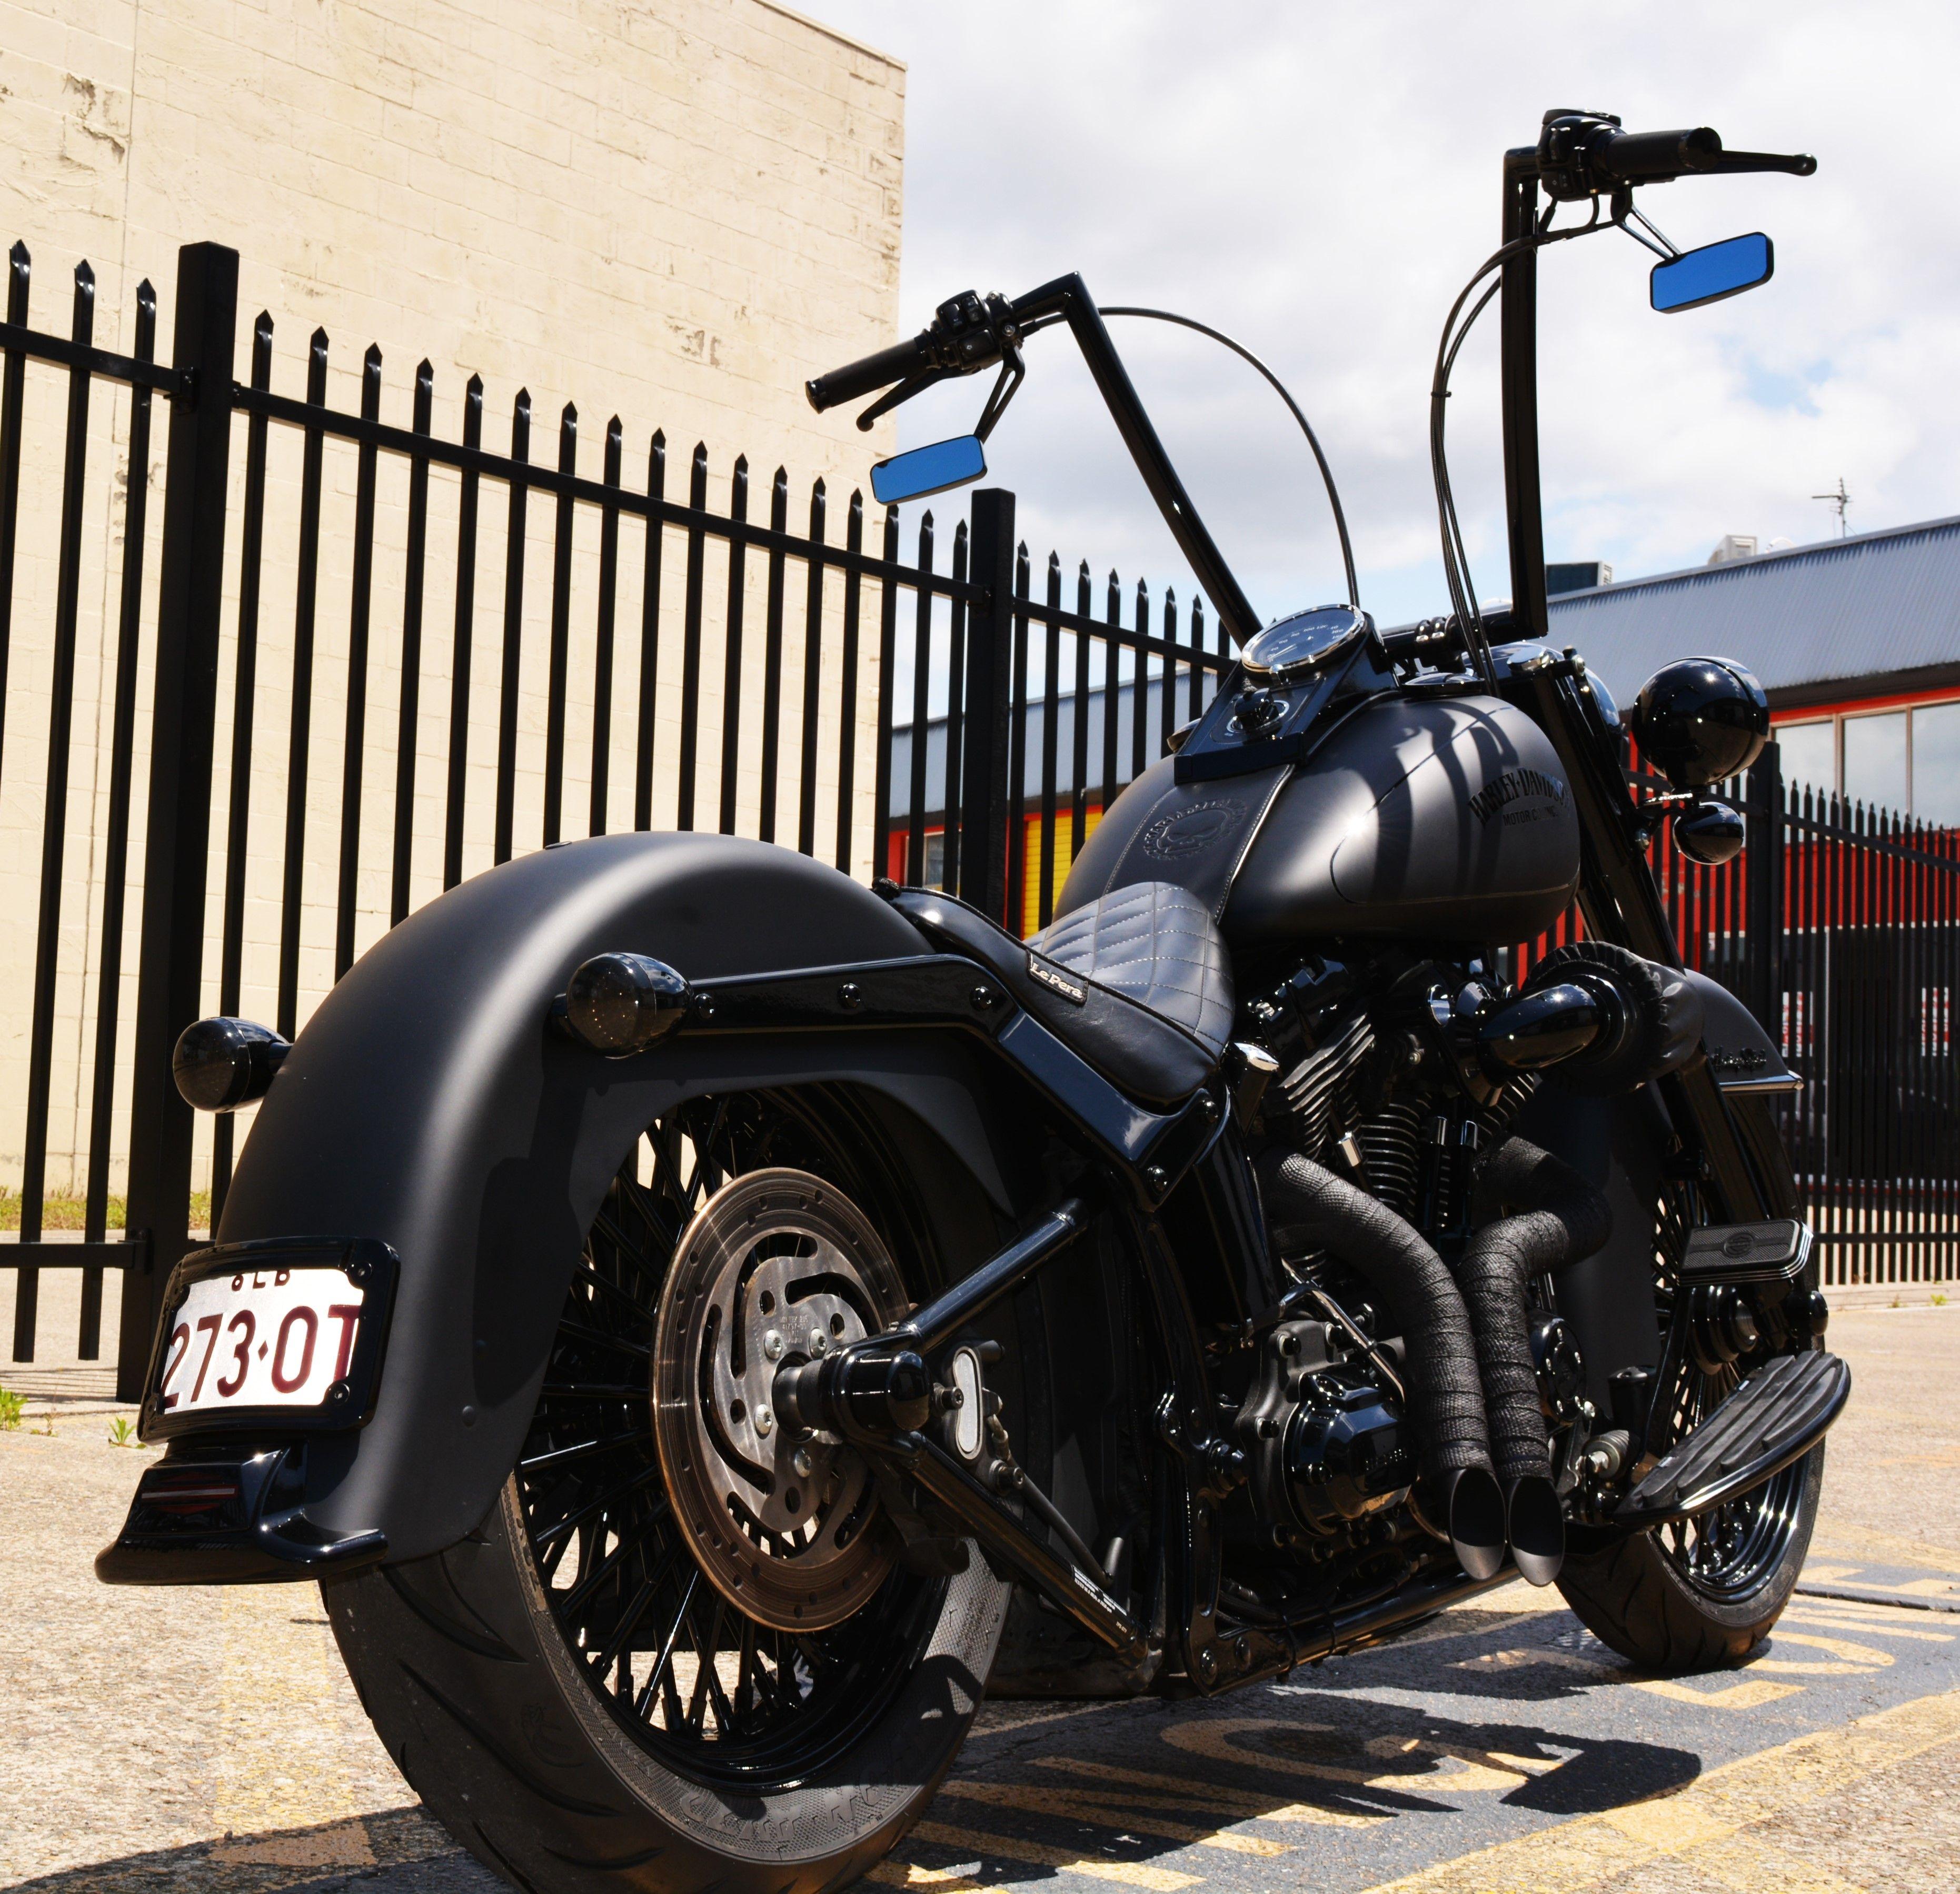 Harley Davidson & Motorcycles panosundaki Pin